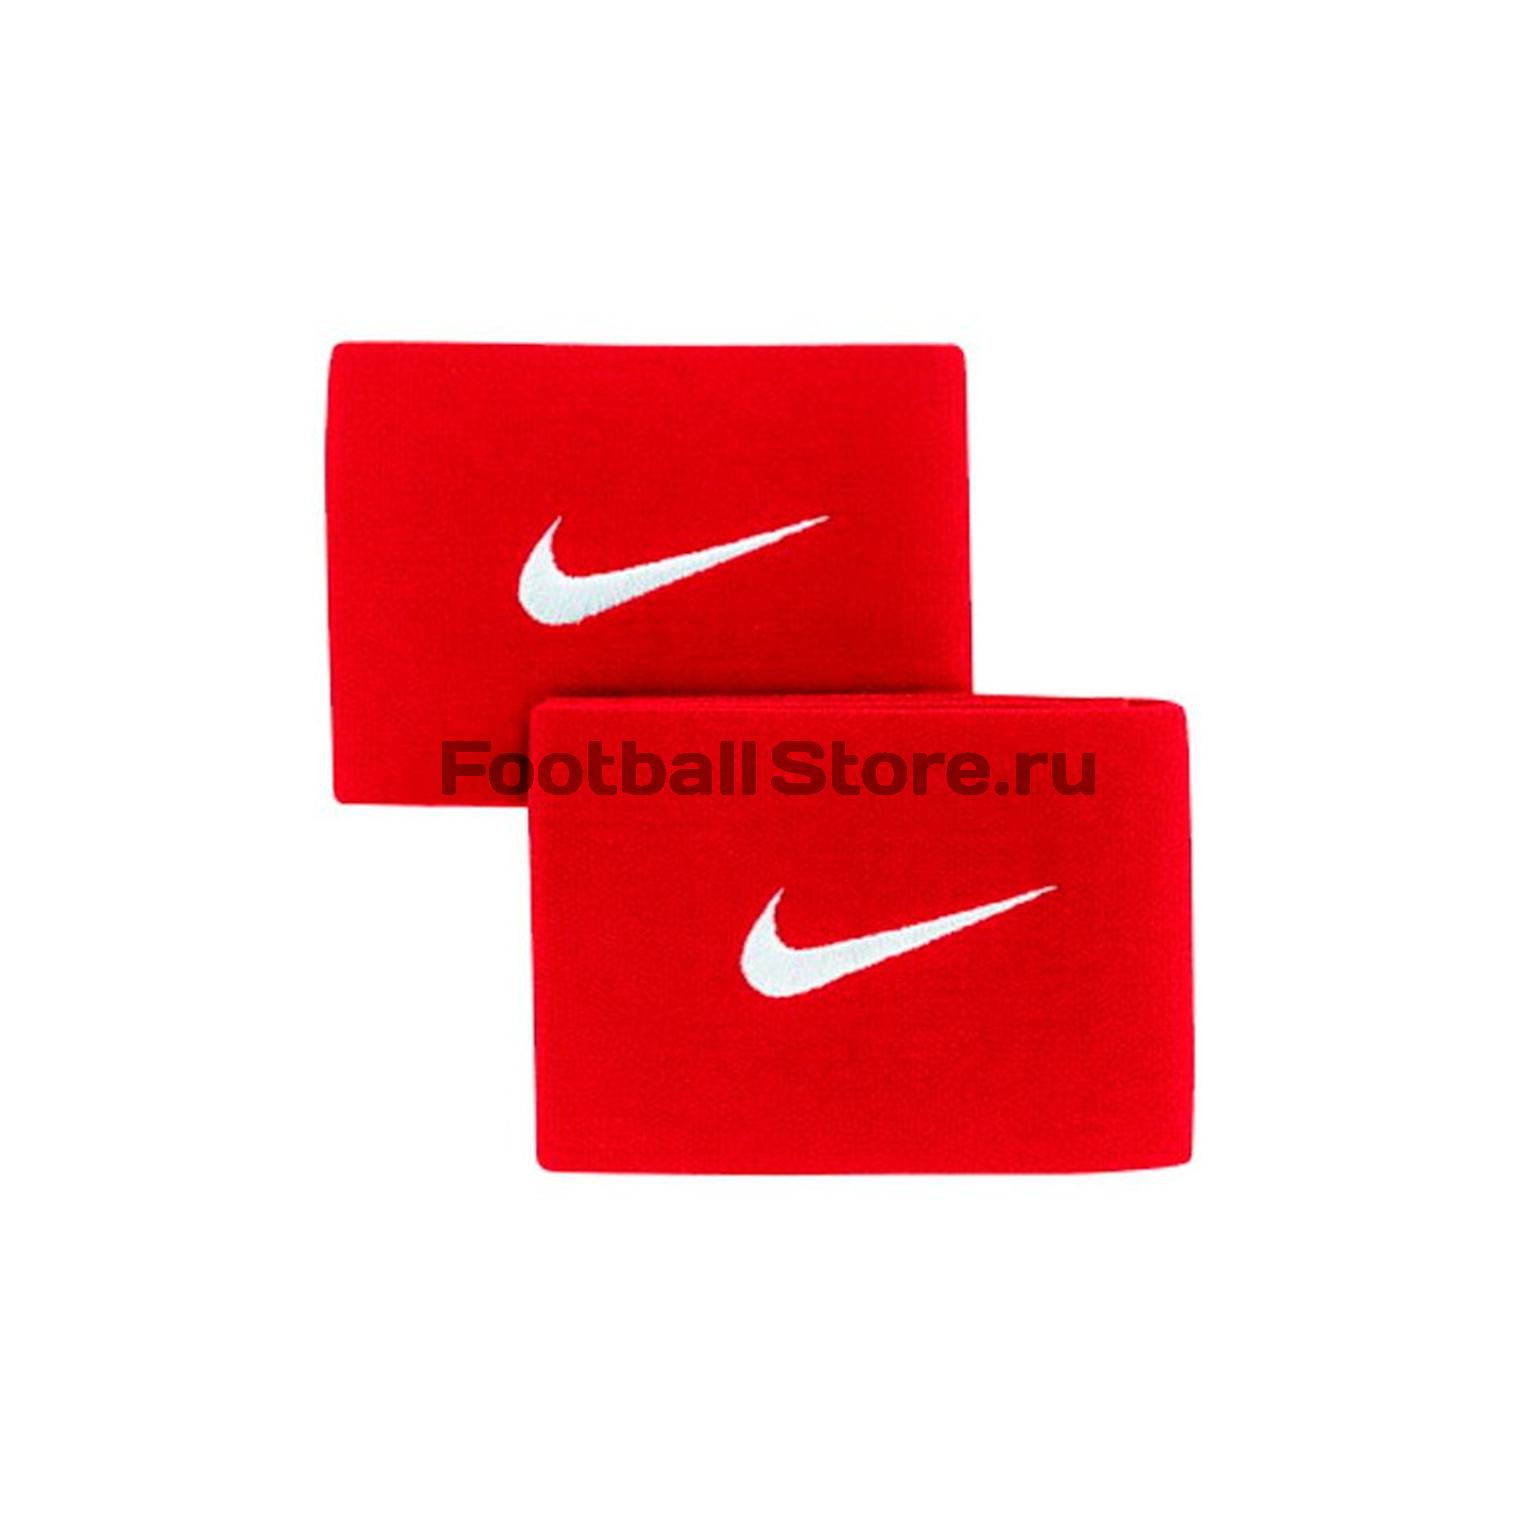 Повязка для фиксации щитка Nike SE0047-610 клюшка для гольфа nike vapor pro 2015